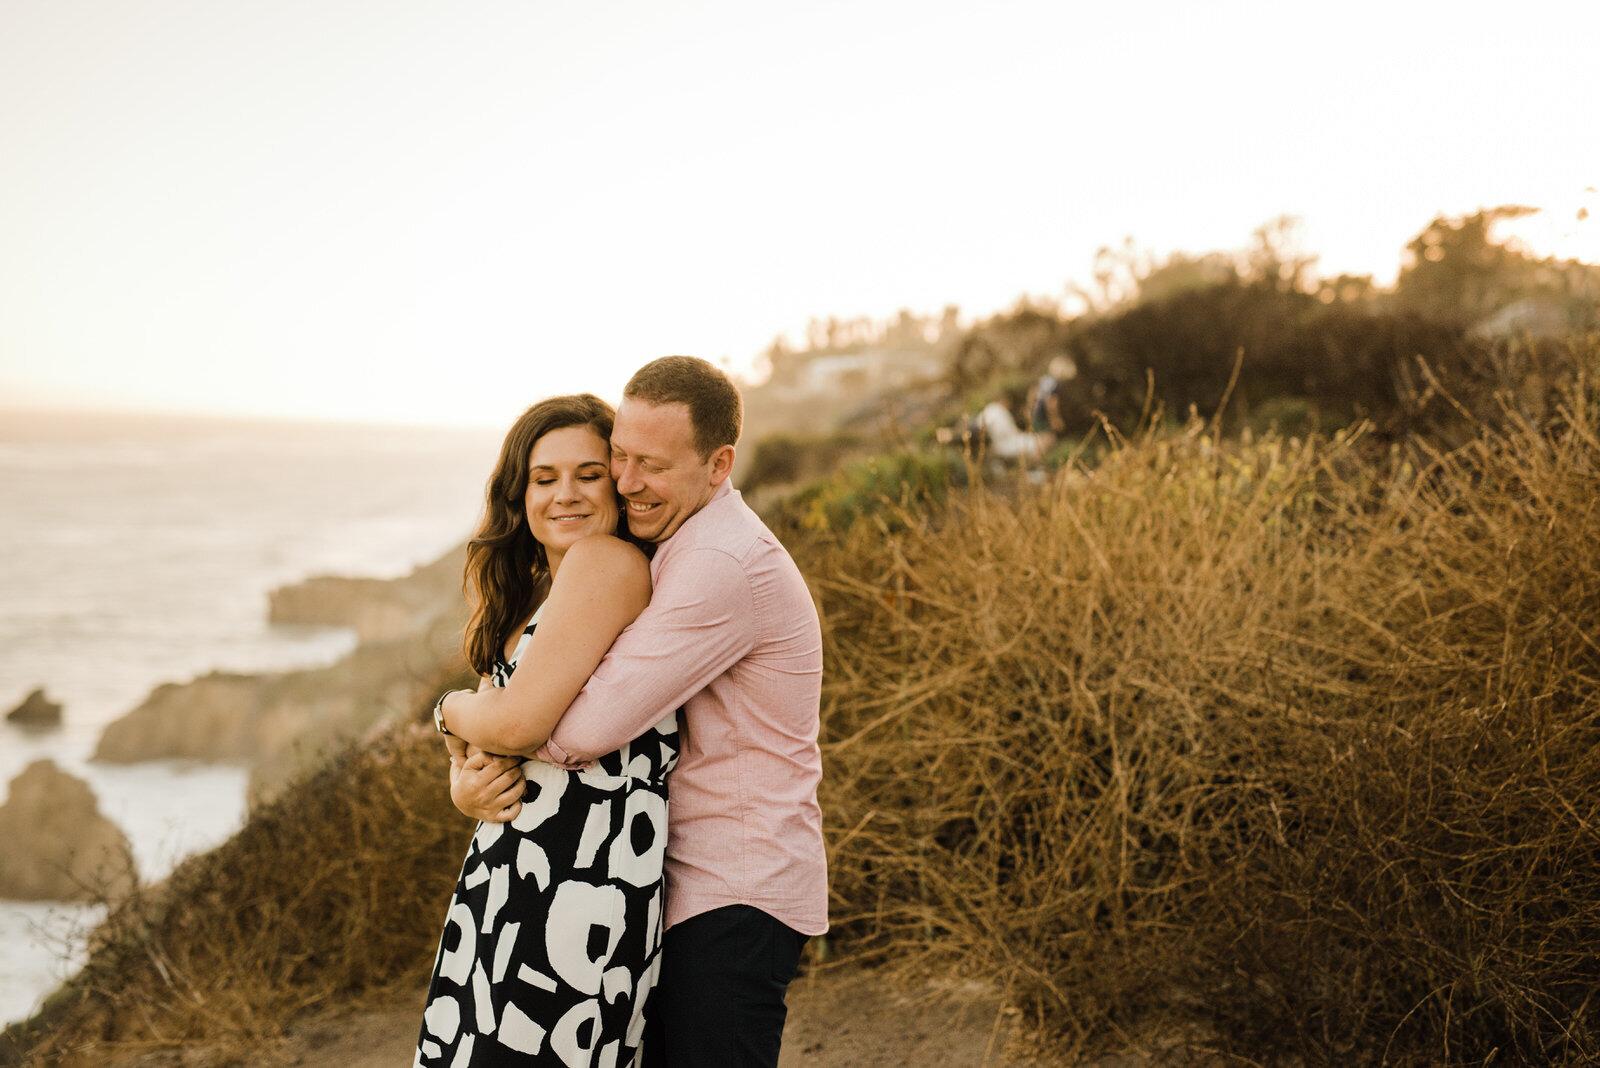 Romantic Engagement Session in El Matador Beach in California